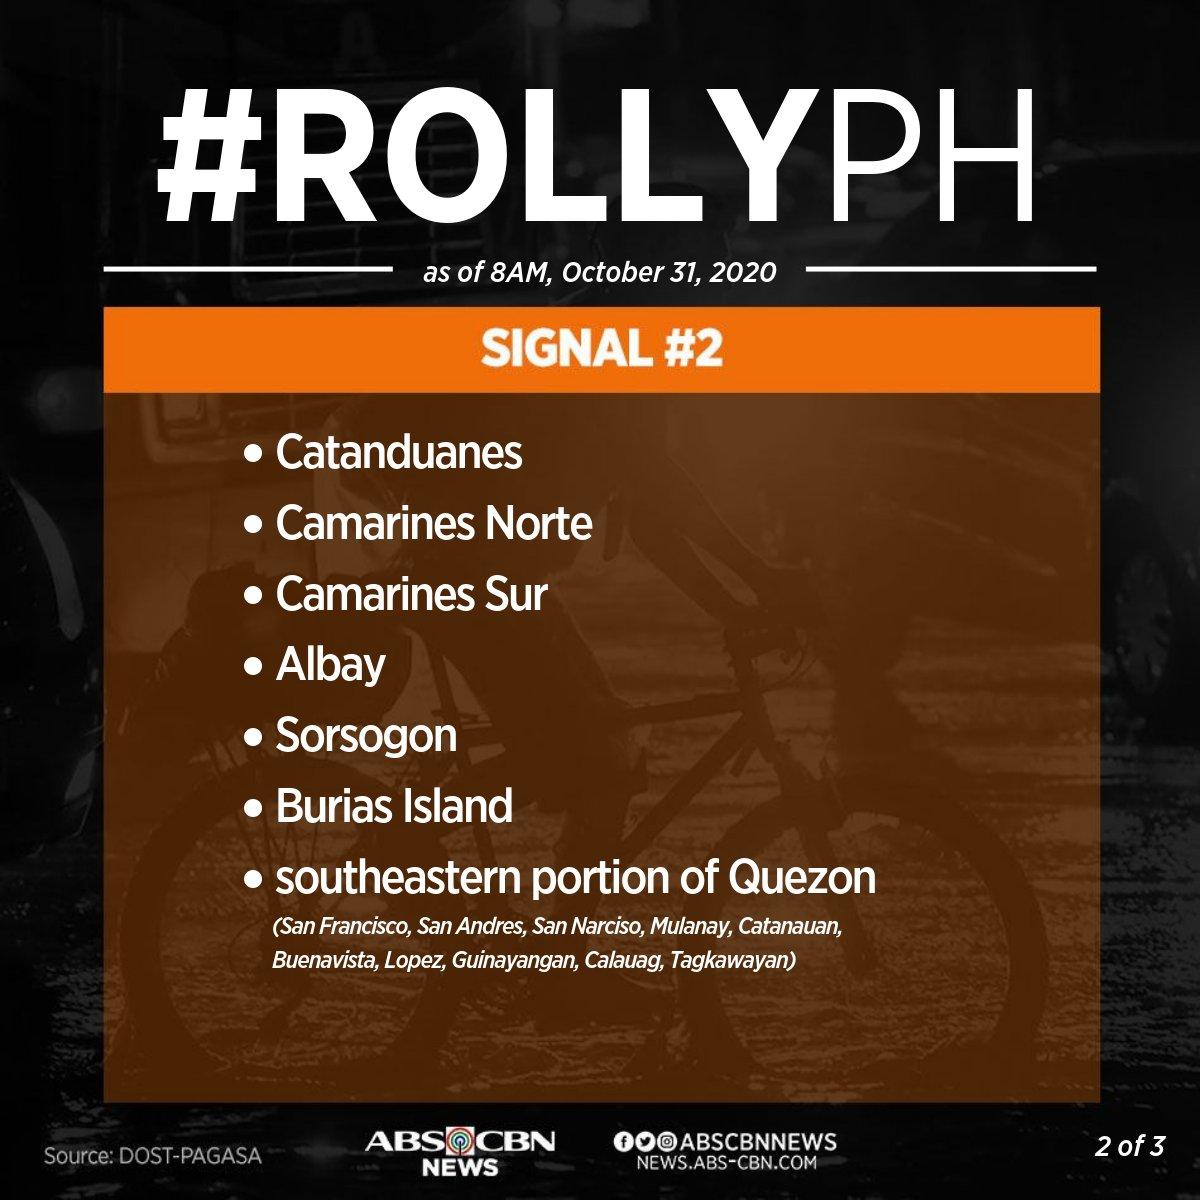 [8AM] Itinaas na ng PAGASA ang signal no. 2 sa ilang lugar sa Bicol Region habang nasa signal no.1 naman ang maraming lugar sa Luzon at Eastern Visayas. #RollyPH https://t.co/7jLYJbBTUJ